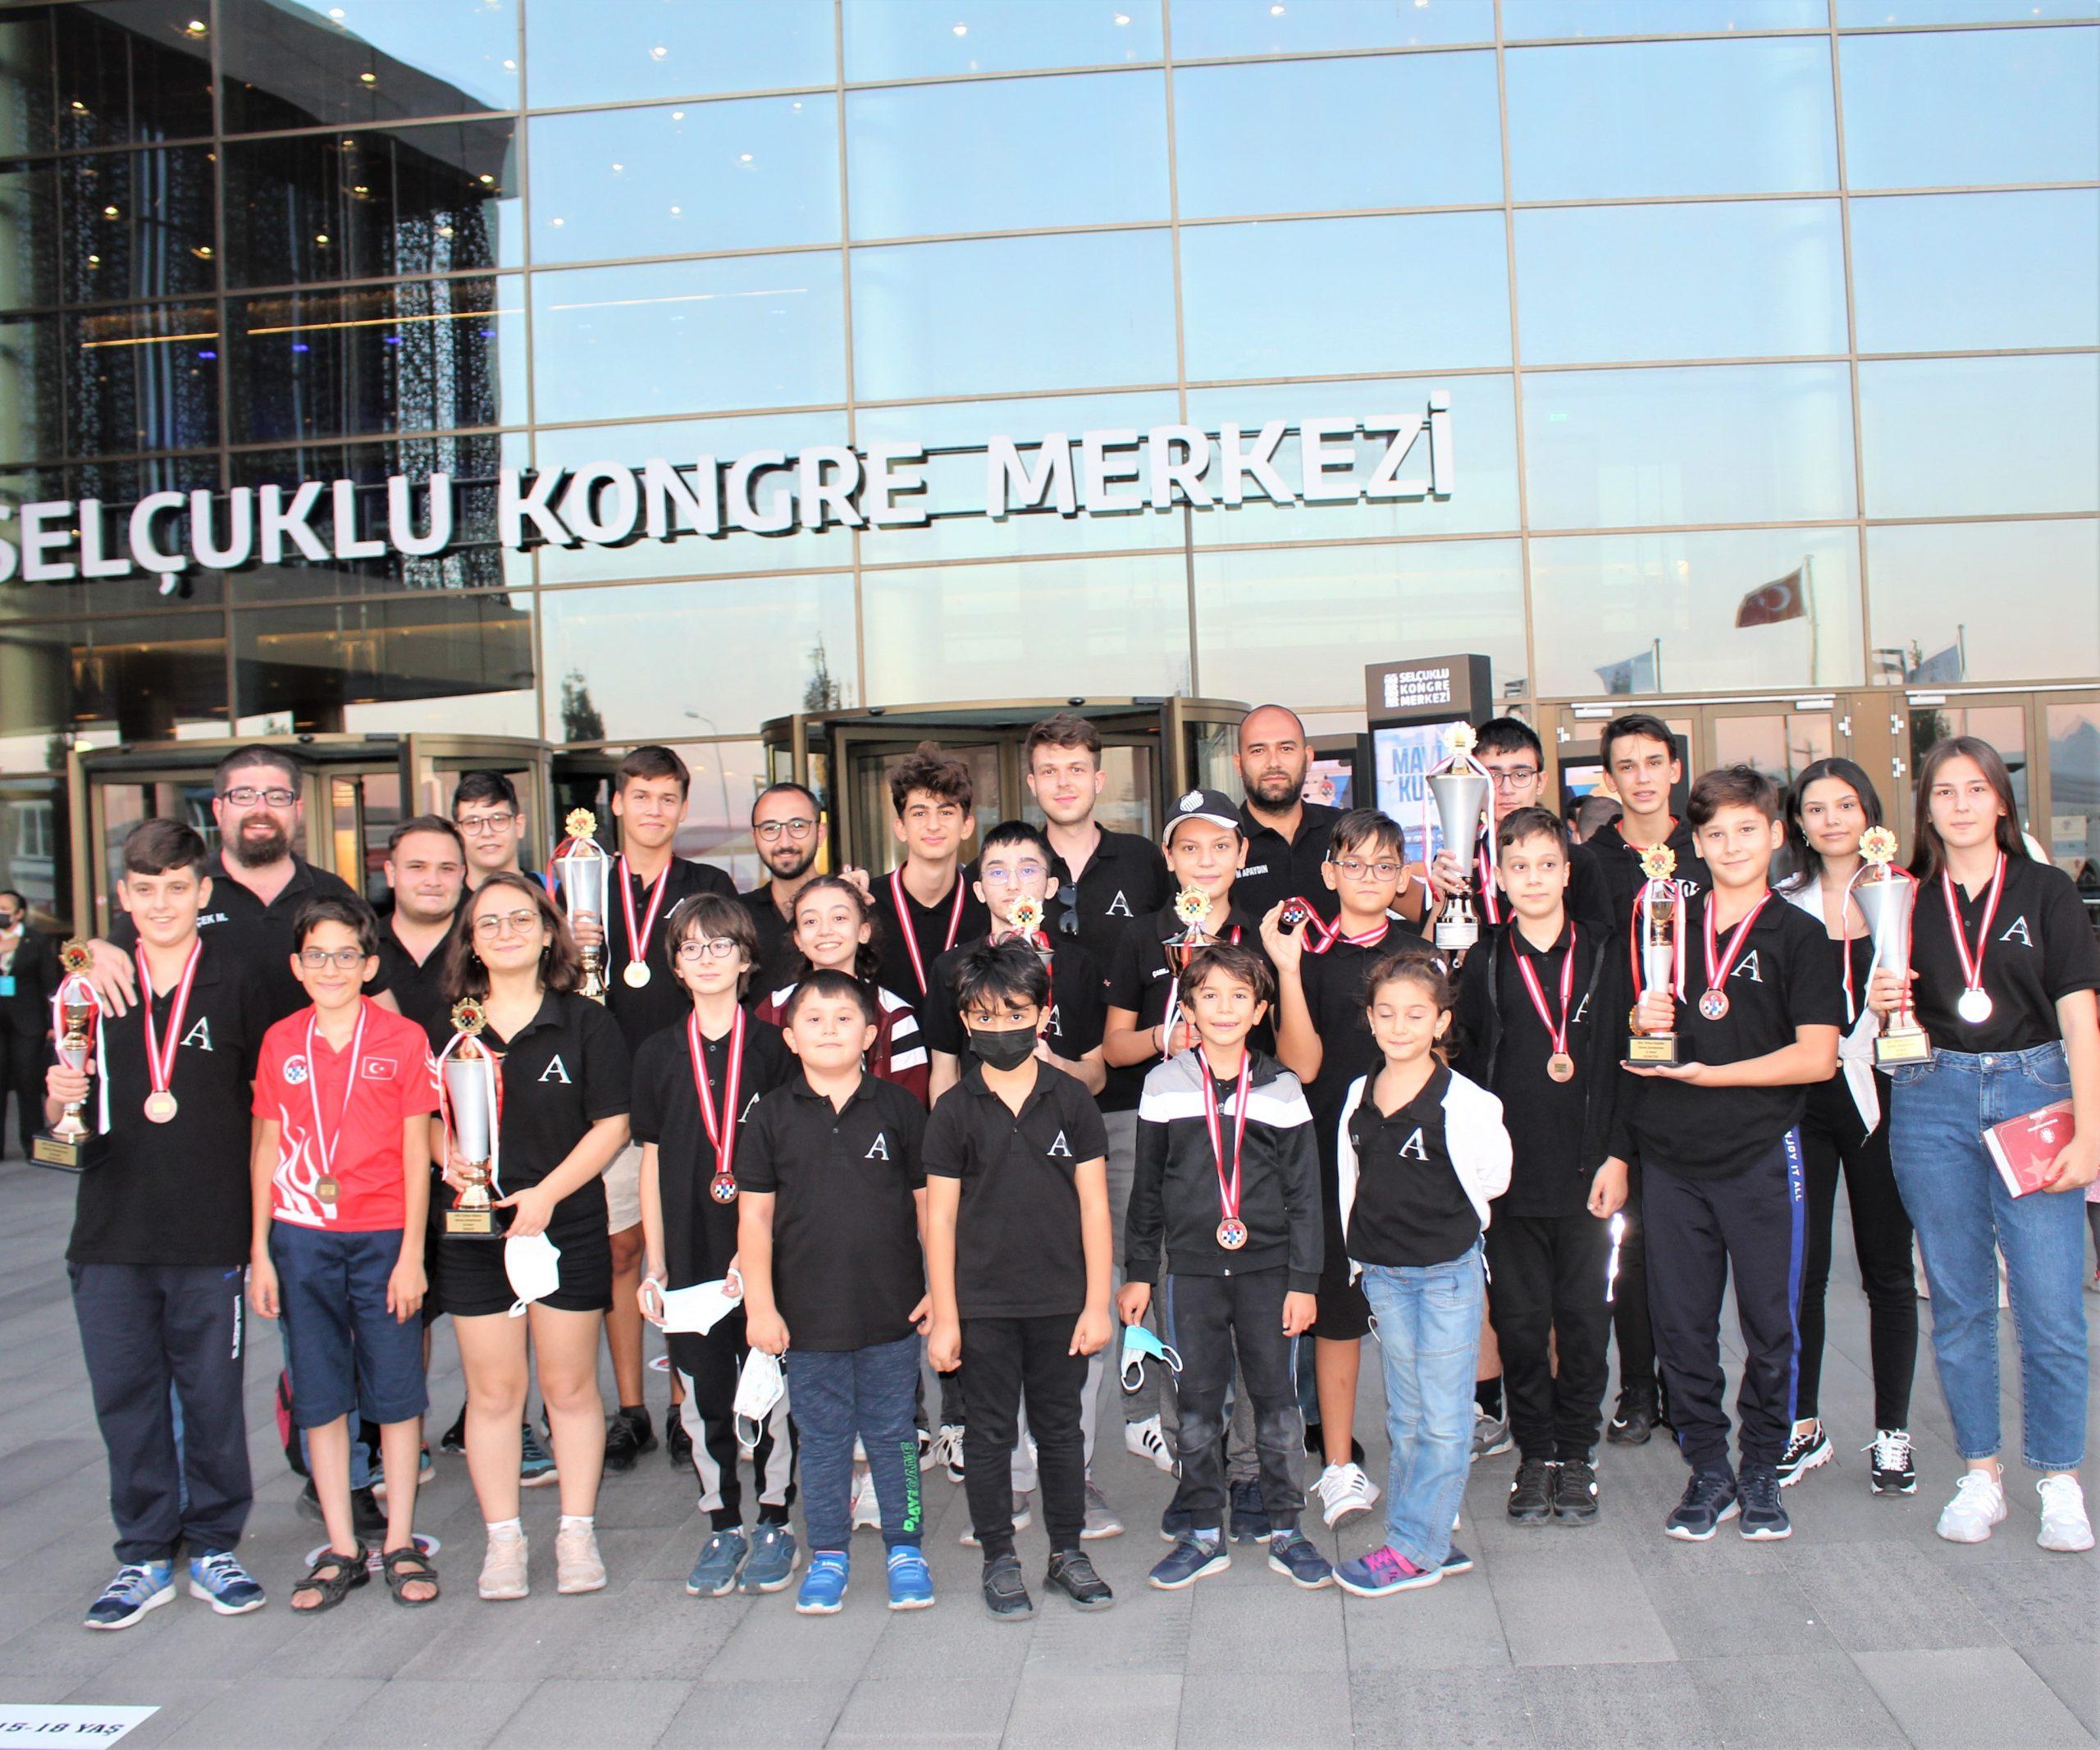 Türkiye Şampiyonası Karnemiz: 21 Milli Sporcu!